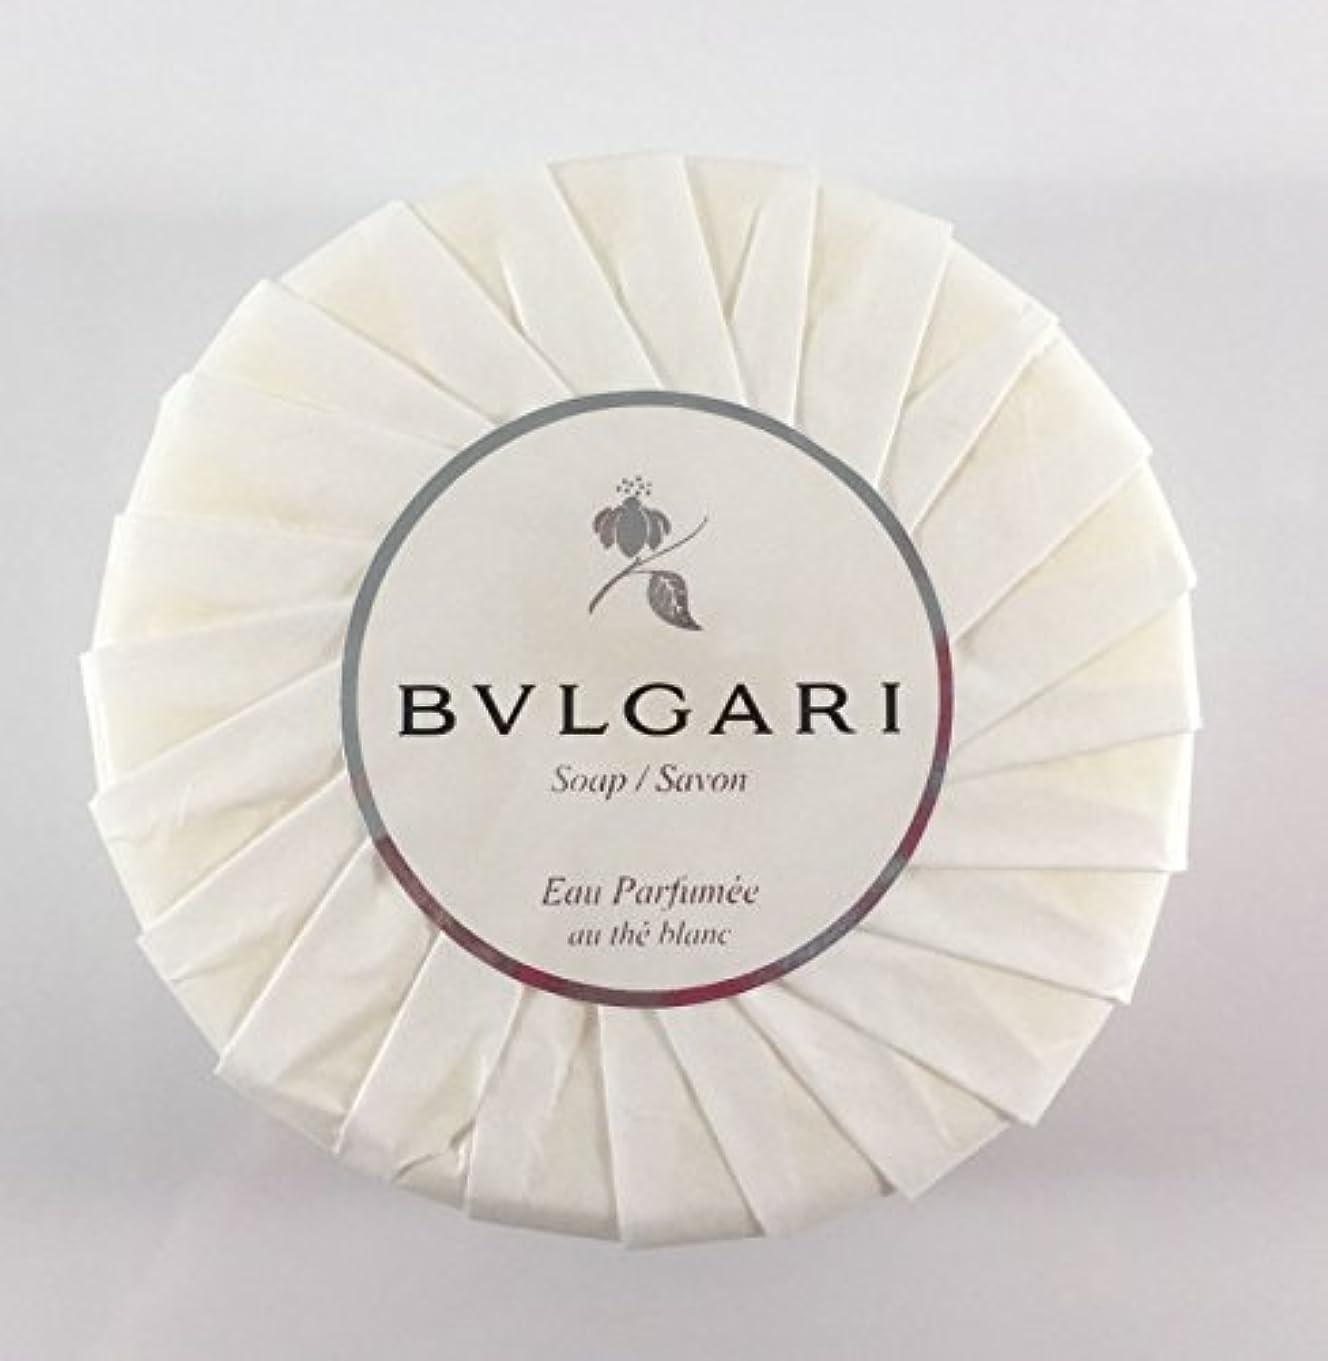 障害者取り壊すずっとブルガリ オ?パフメ オーテブラン デラックスソープ150g BVLGARI Bvlgari Eau Parfumee au the blanc White Soap